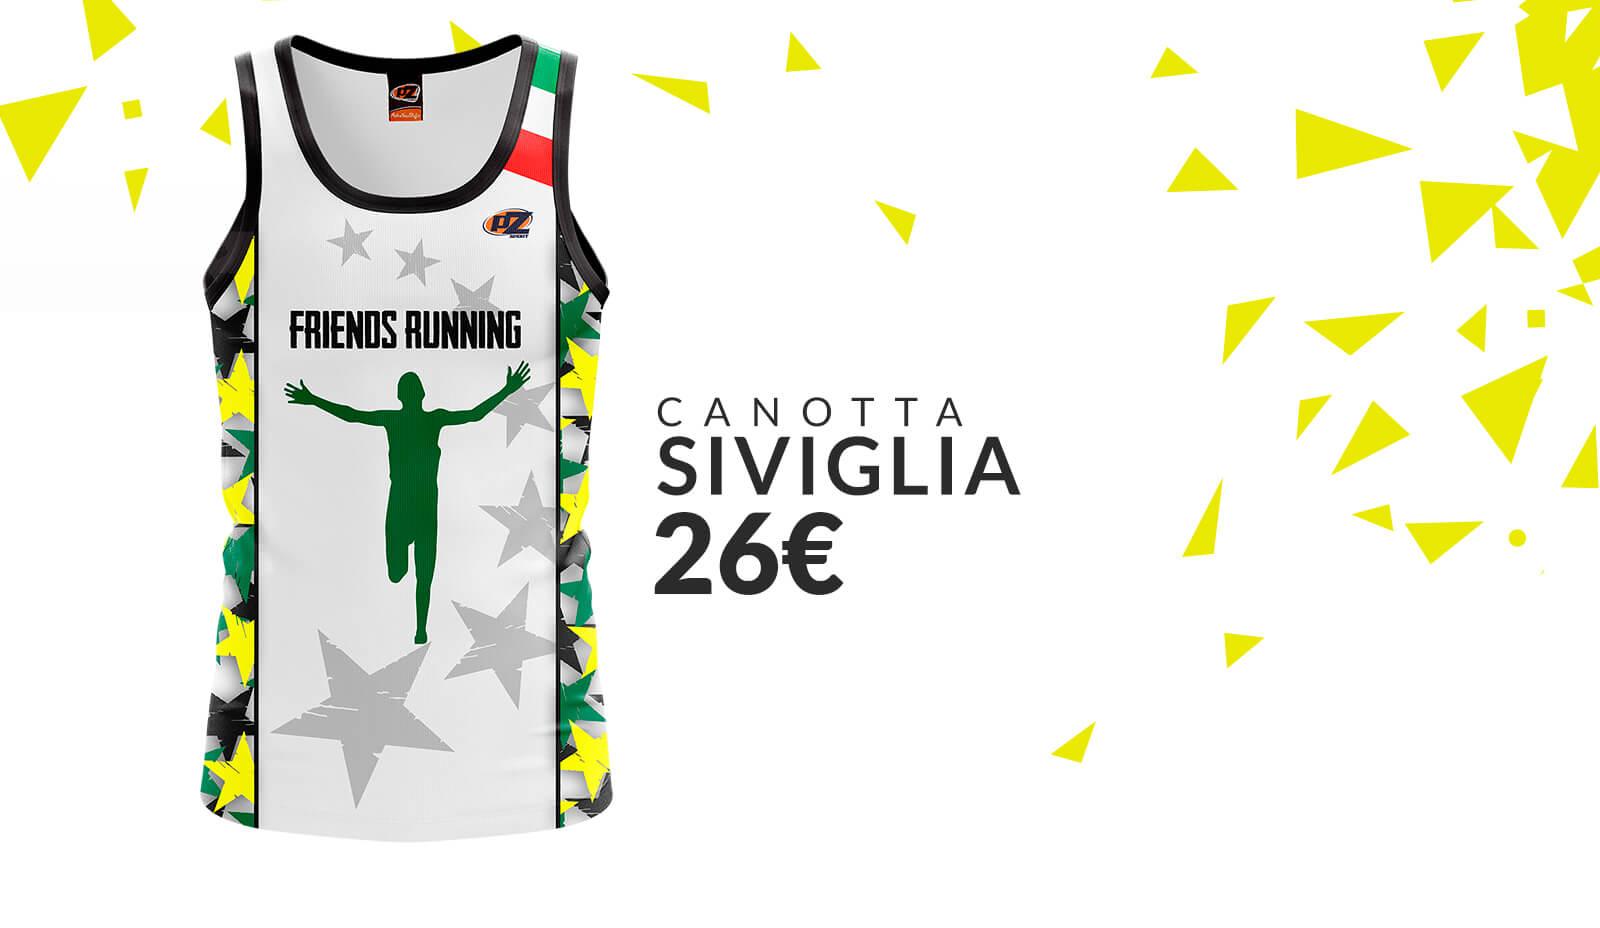 PZ Sport - Running Friends: Canotta Siviglia